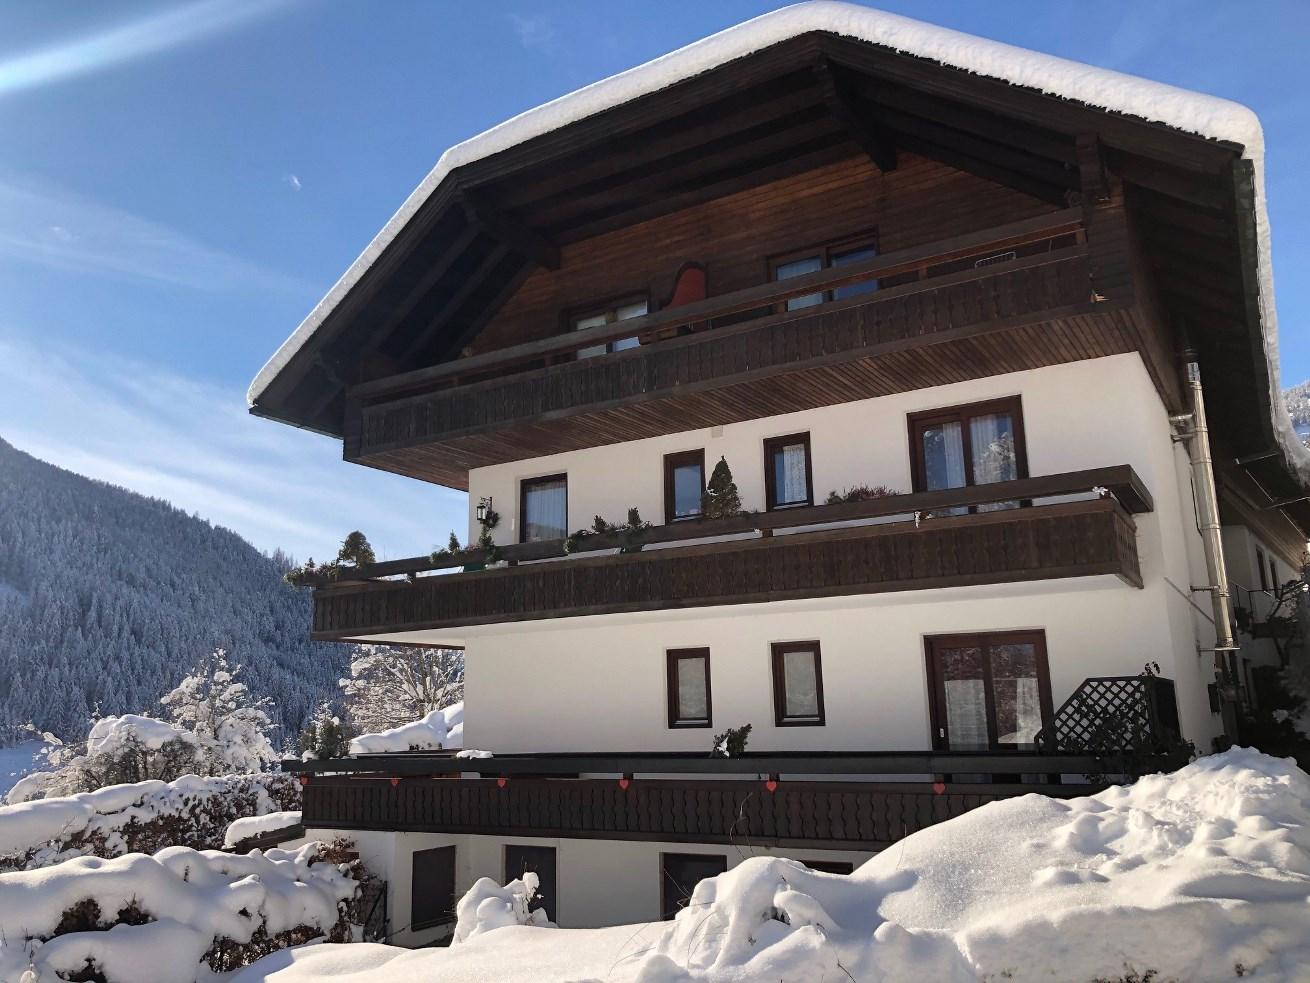 Bad Kleinkirchheim, Kaernten, Apartment (PAUL) 60m2 + 8m2 Balkon, Zentrum Bach